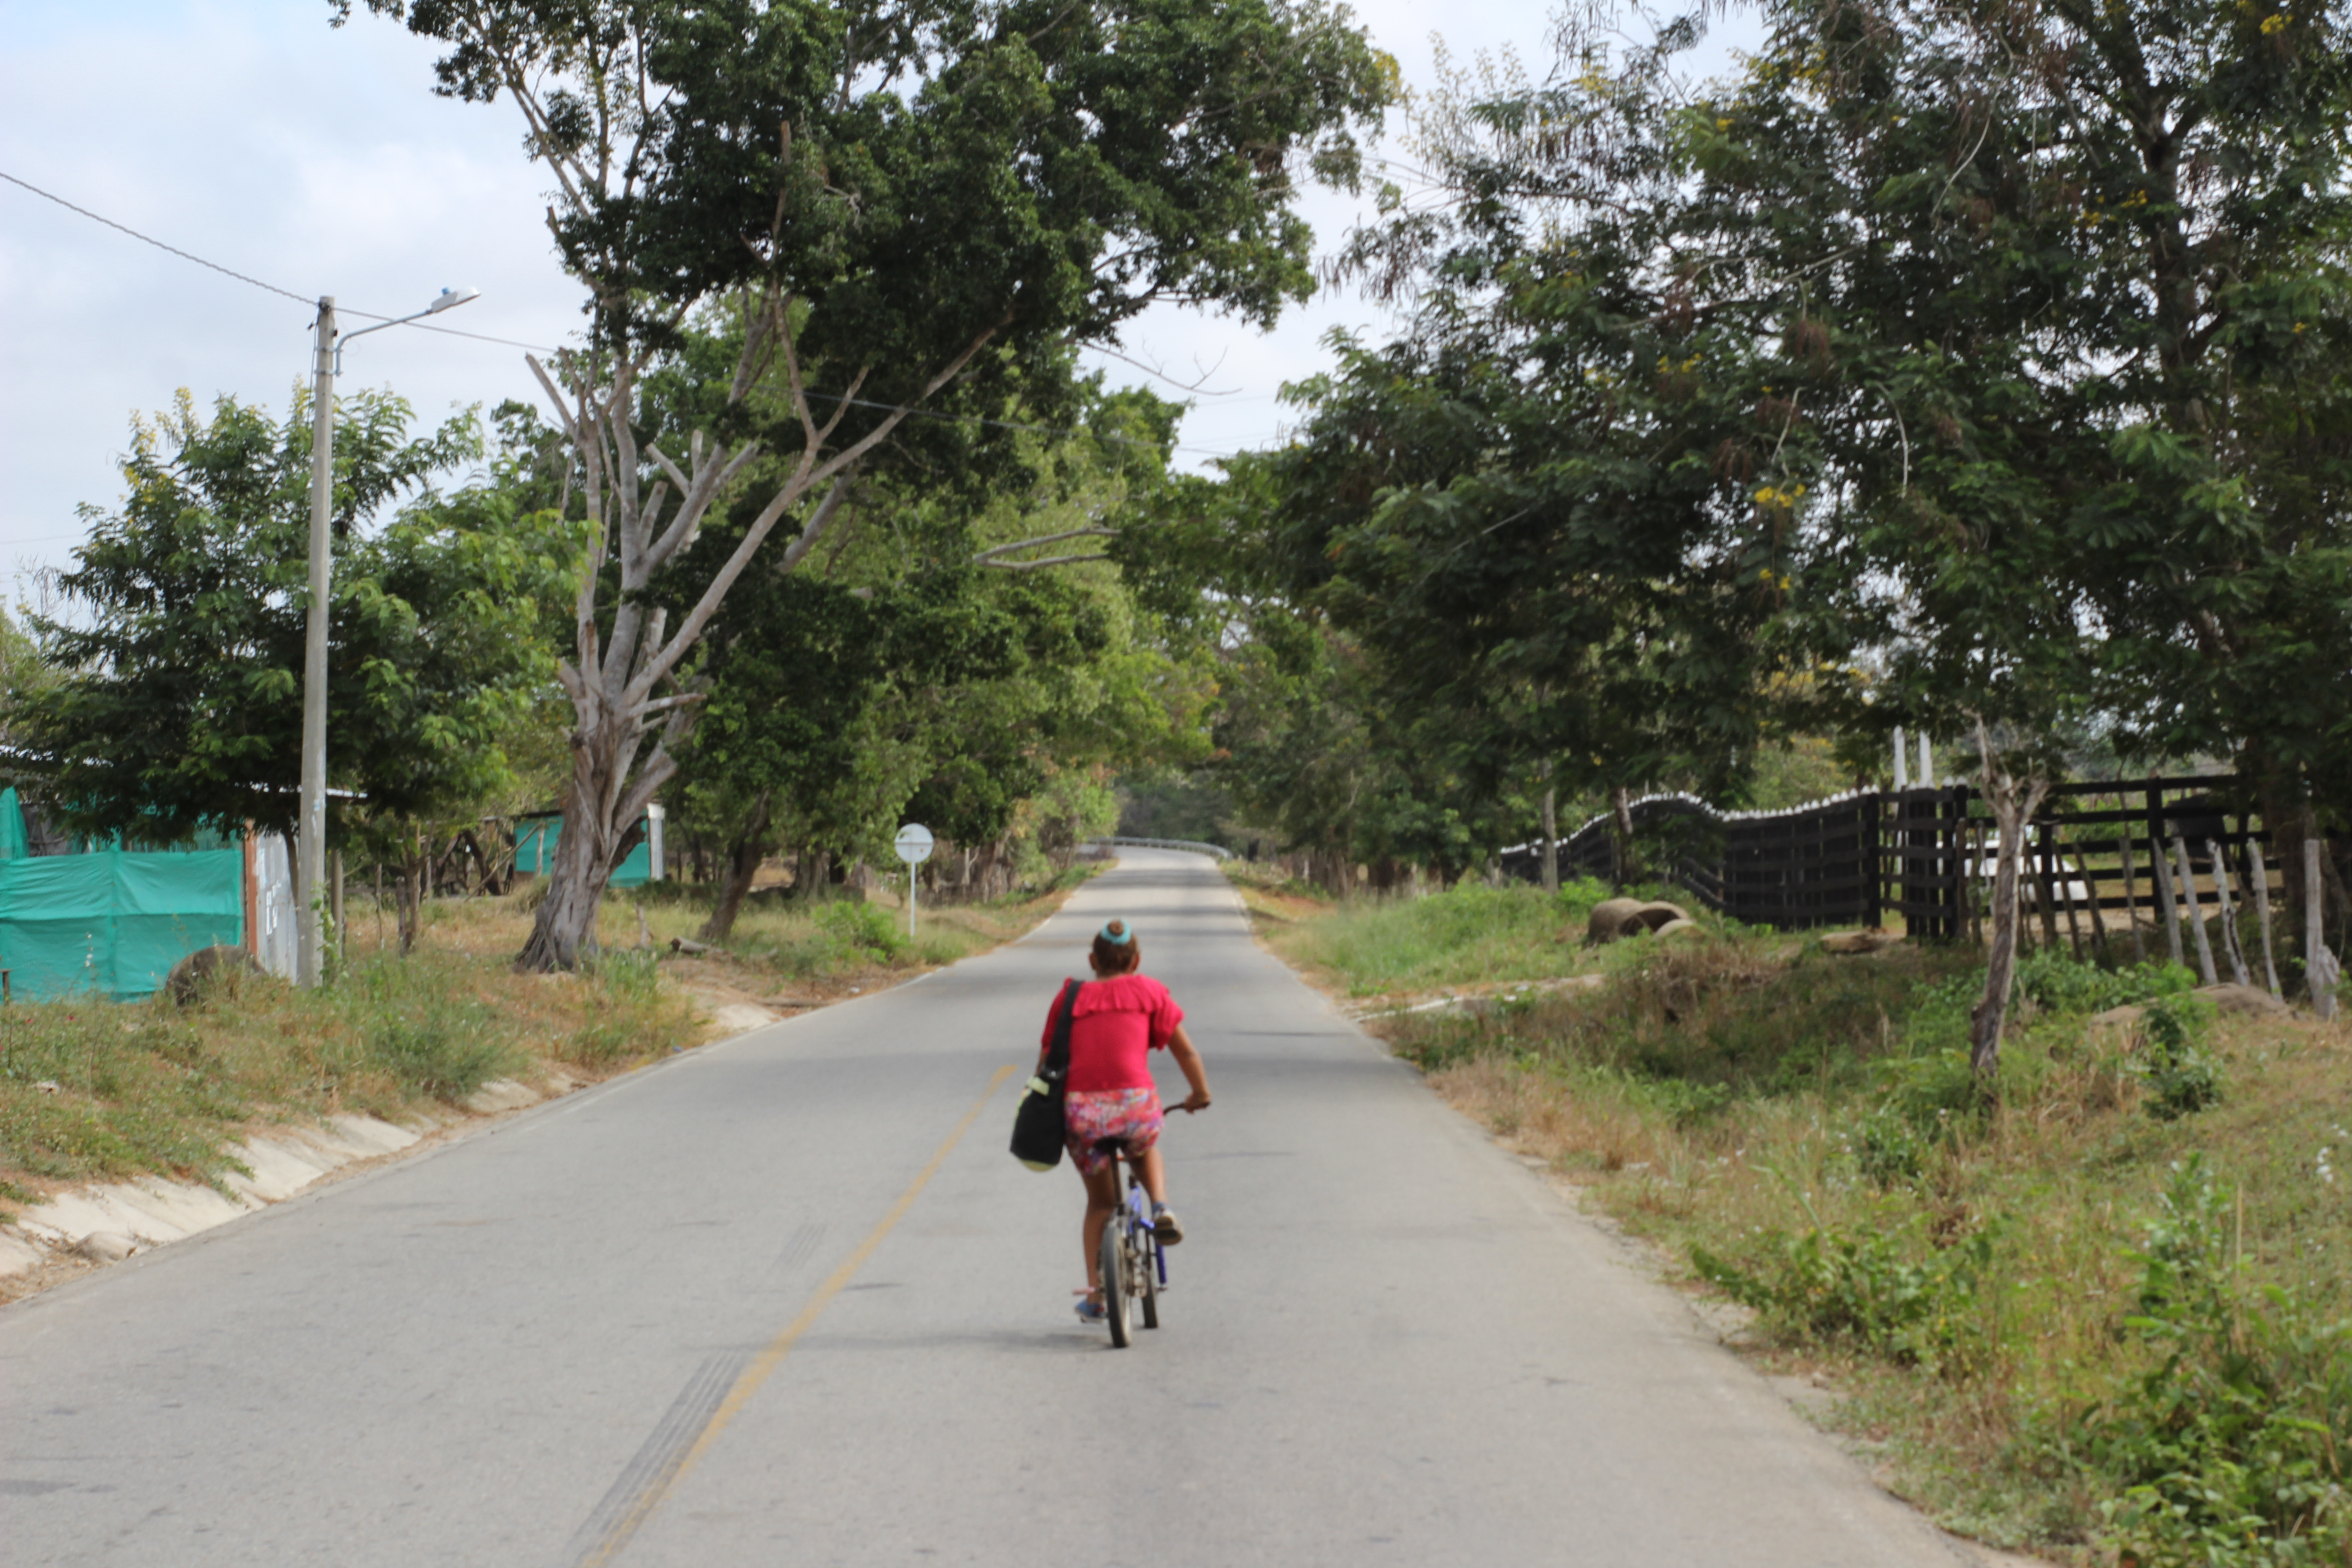 Salaminita está ubicado en el kilómetro 17 de la vía entre Fundación y Pivijay.